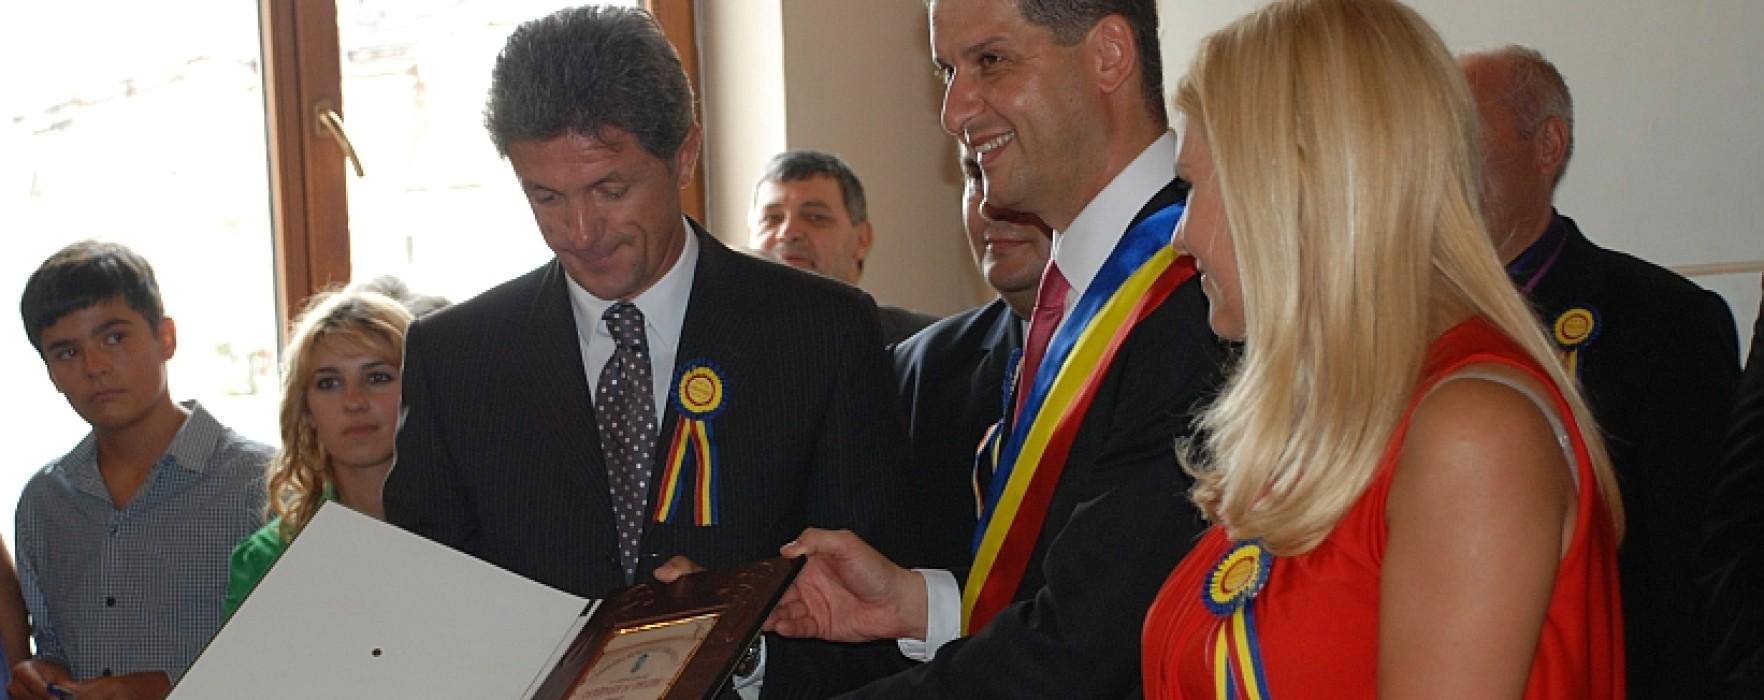 Târgoviştea are 100 de cetăţeni de onoare, printre care Iliescu, Udrea, Stolojan, Gică Petrescu, Ileana Sărăroiu, principele Radu